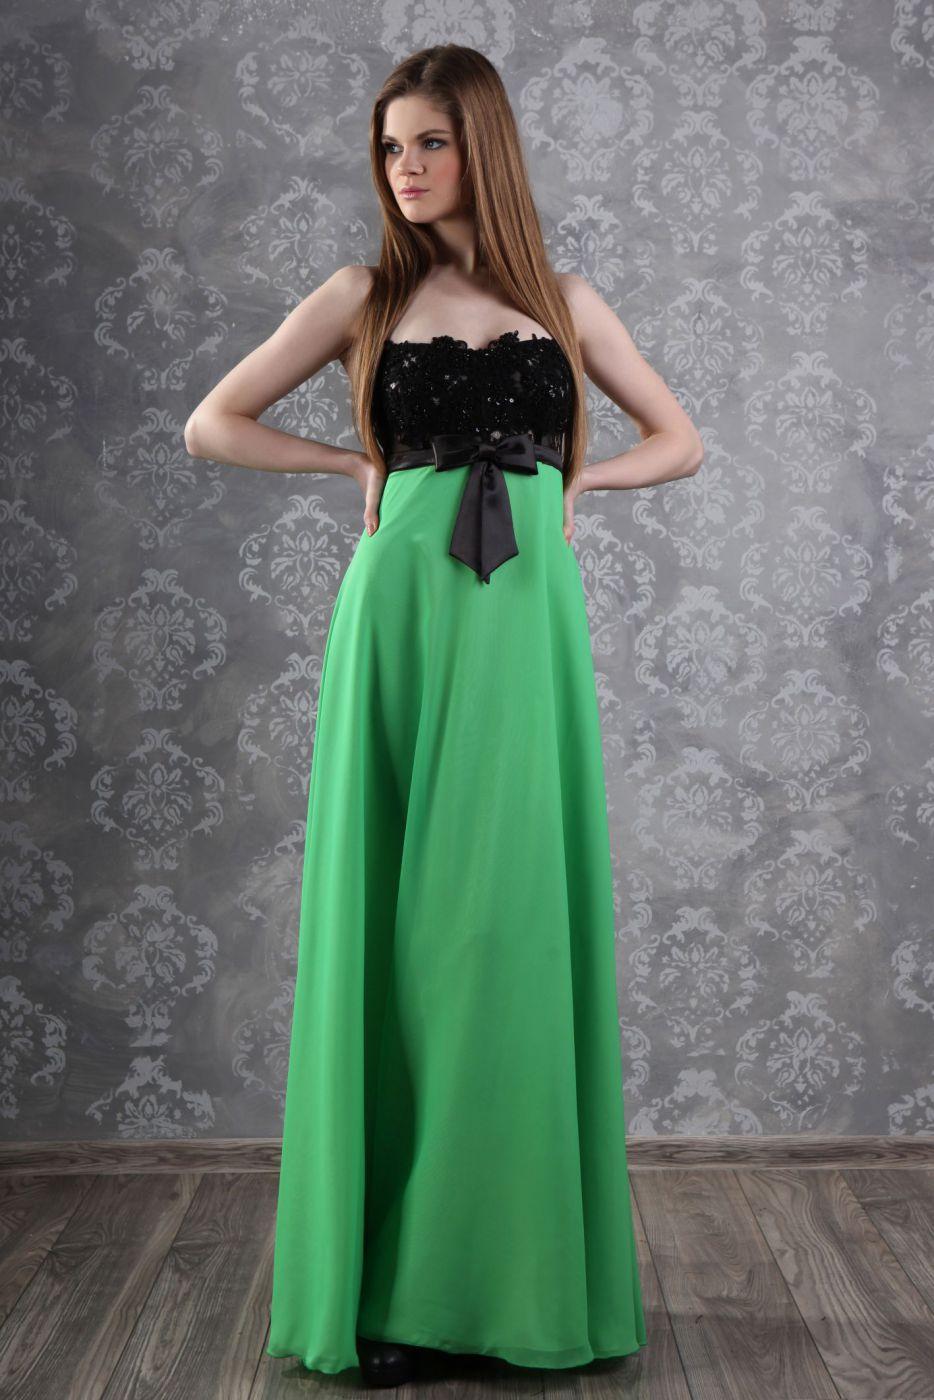 Abschlussballkleid grün schwarz lang aus Chiffon uns Spitze ...